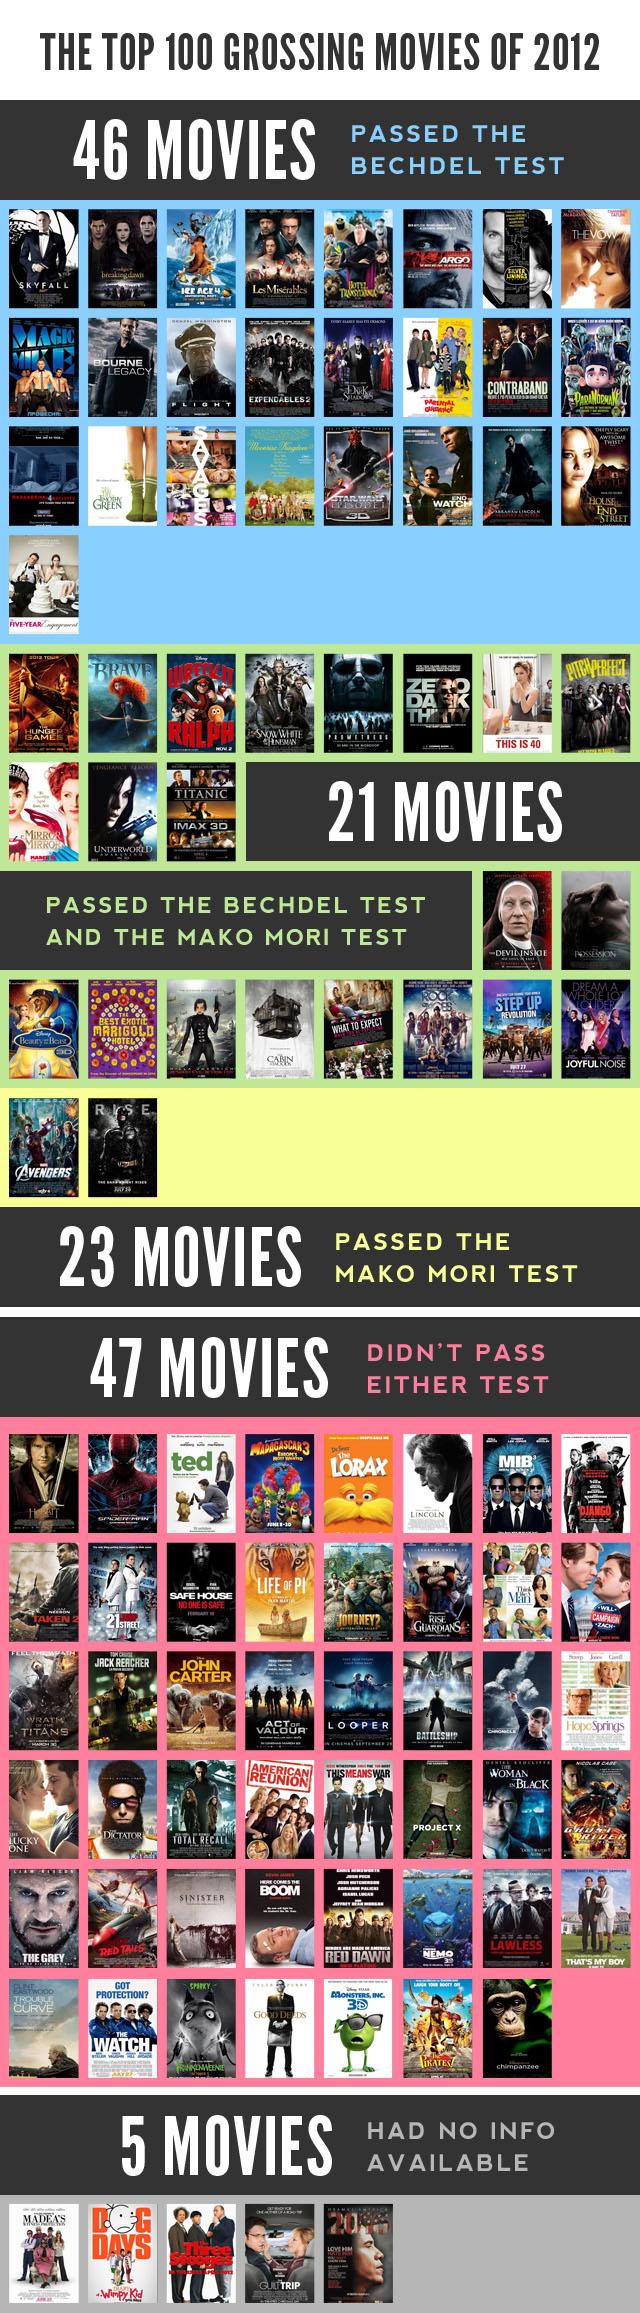 bechdel-mako-mori-infographic